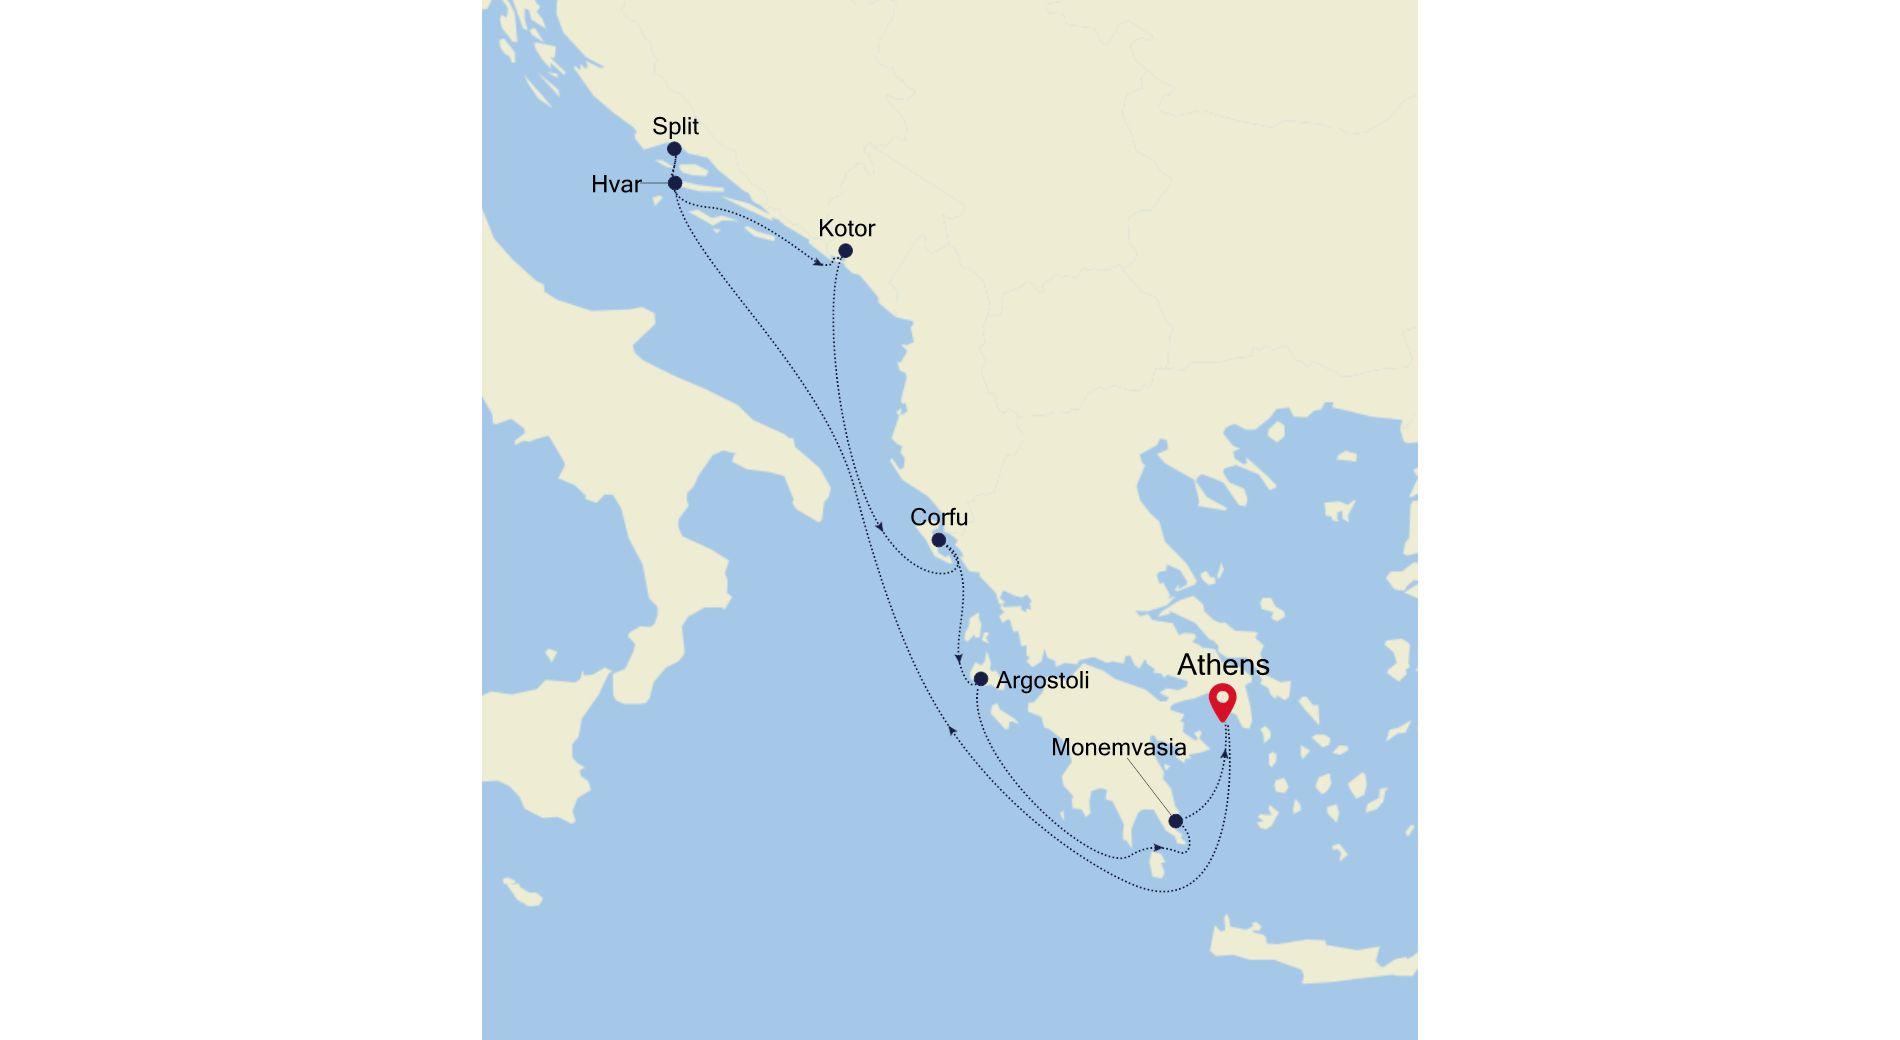 SS200514009 - Venice to Piraeus